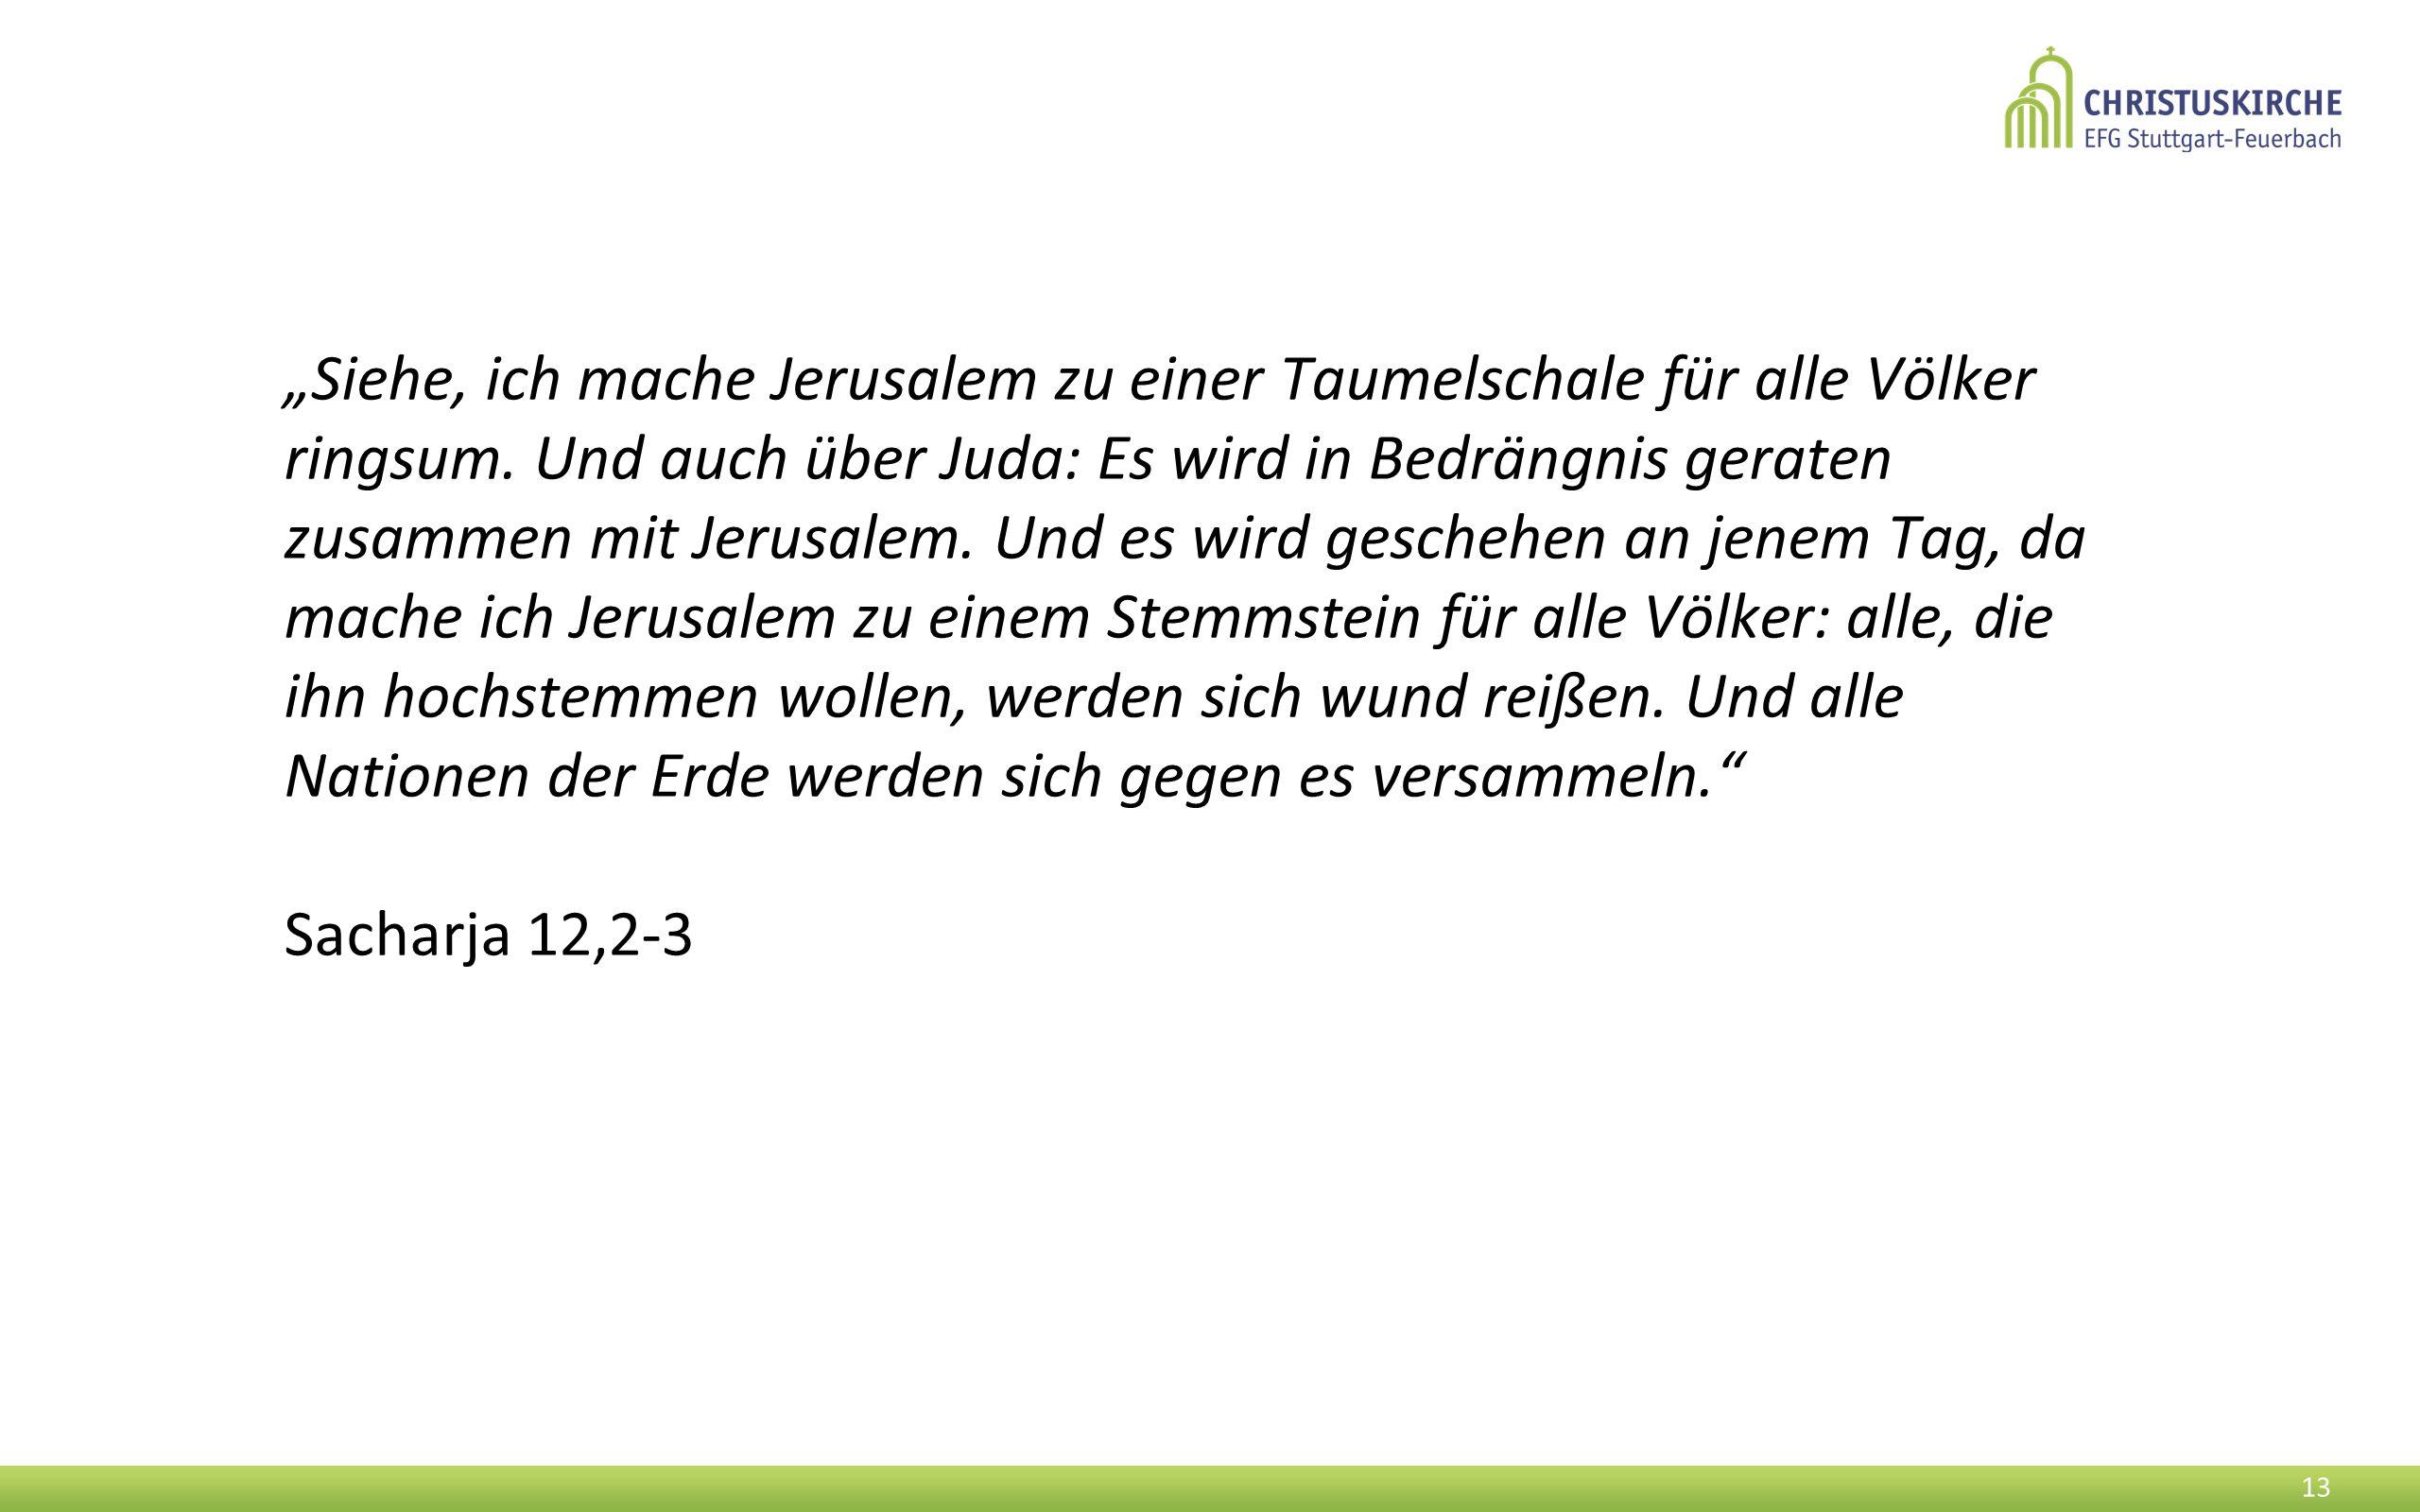 """""""Siehe, ich mache Jerusalem zu einer Taumelschale für alle Völker ringsum. Und auch über Juda: Es wird in Bedrängnis geraten zusammen mit Jerusalem. Und es wird geschehen an jenem Tag, da mache ich Jerusalem zu einem Stemmstein für alle Völker: alle, die ihn hochstemmen wollen, werden sich wund reißen. Und alle Nationen der Erde werden sich gegen es versammeln."""